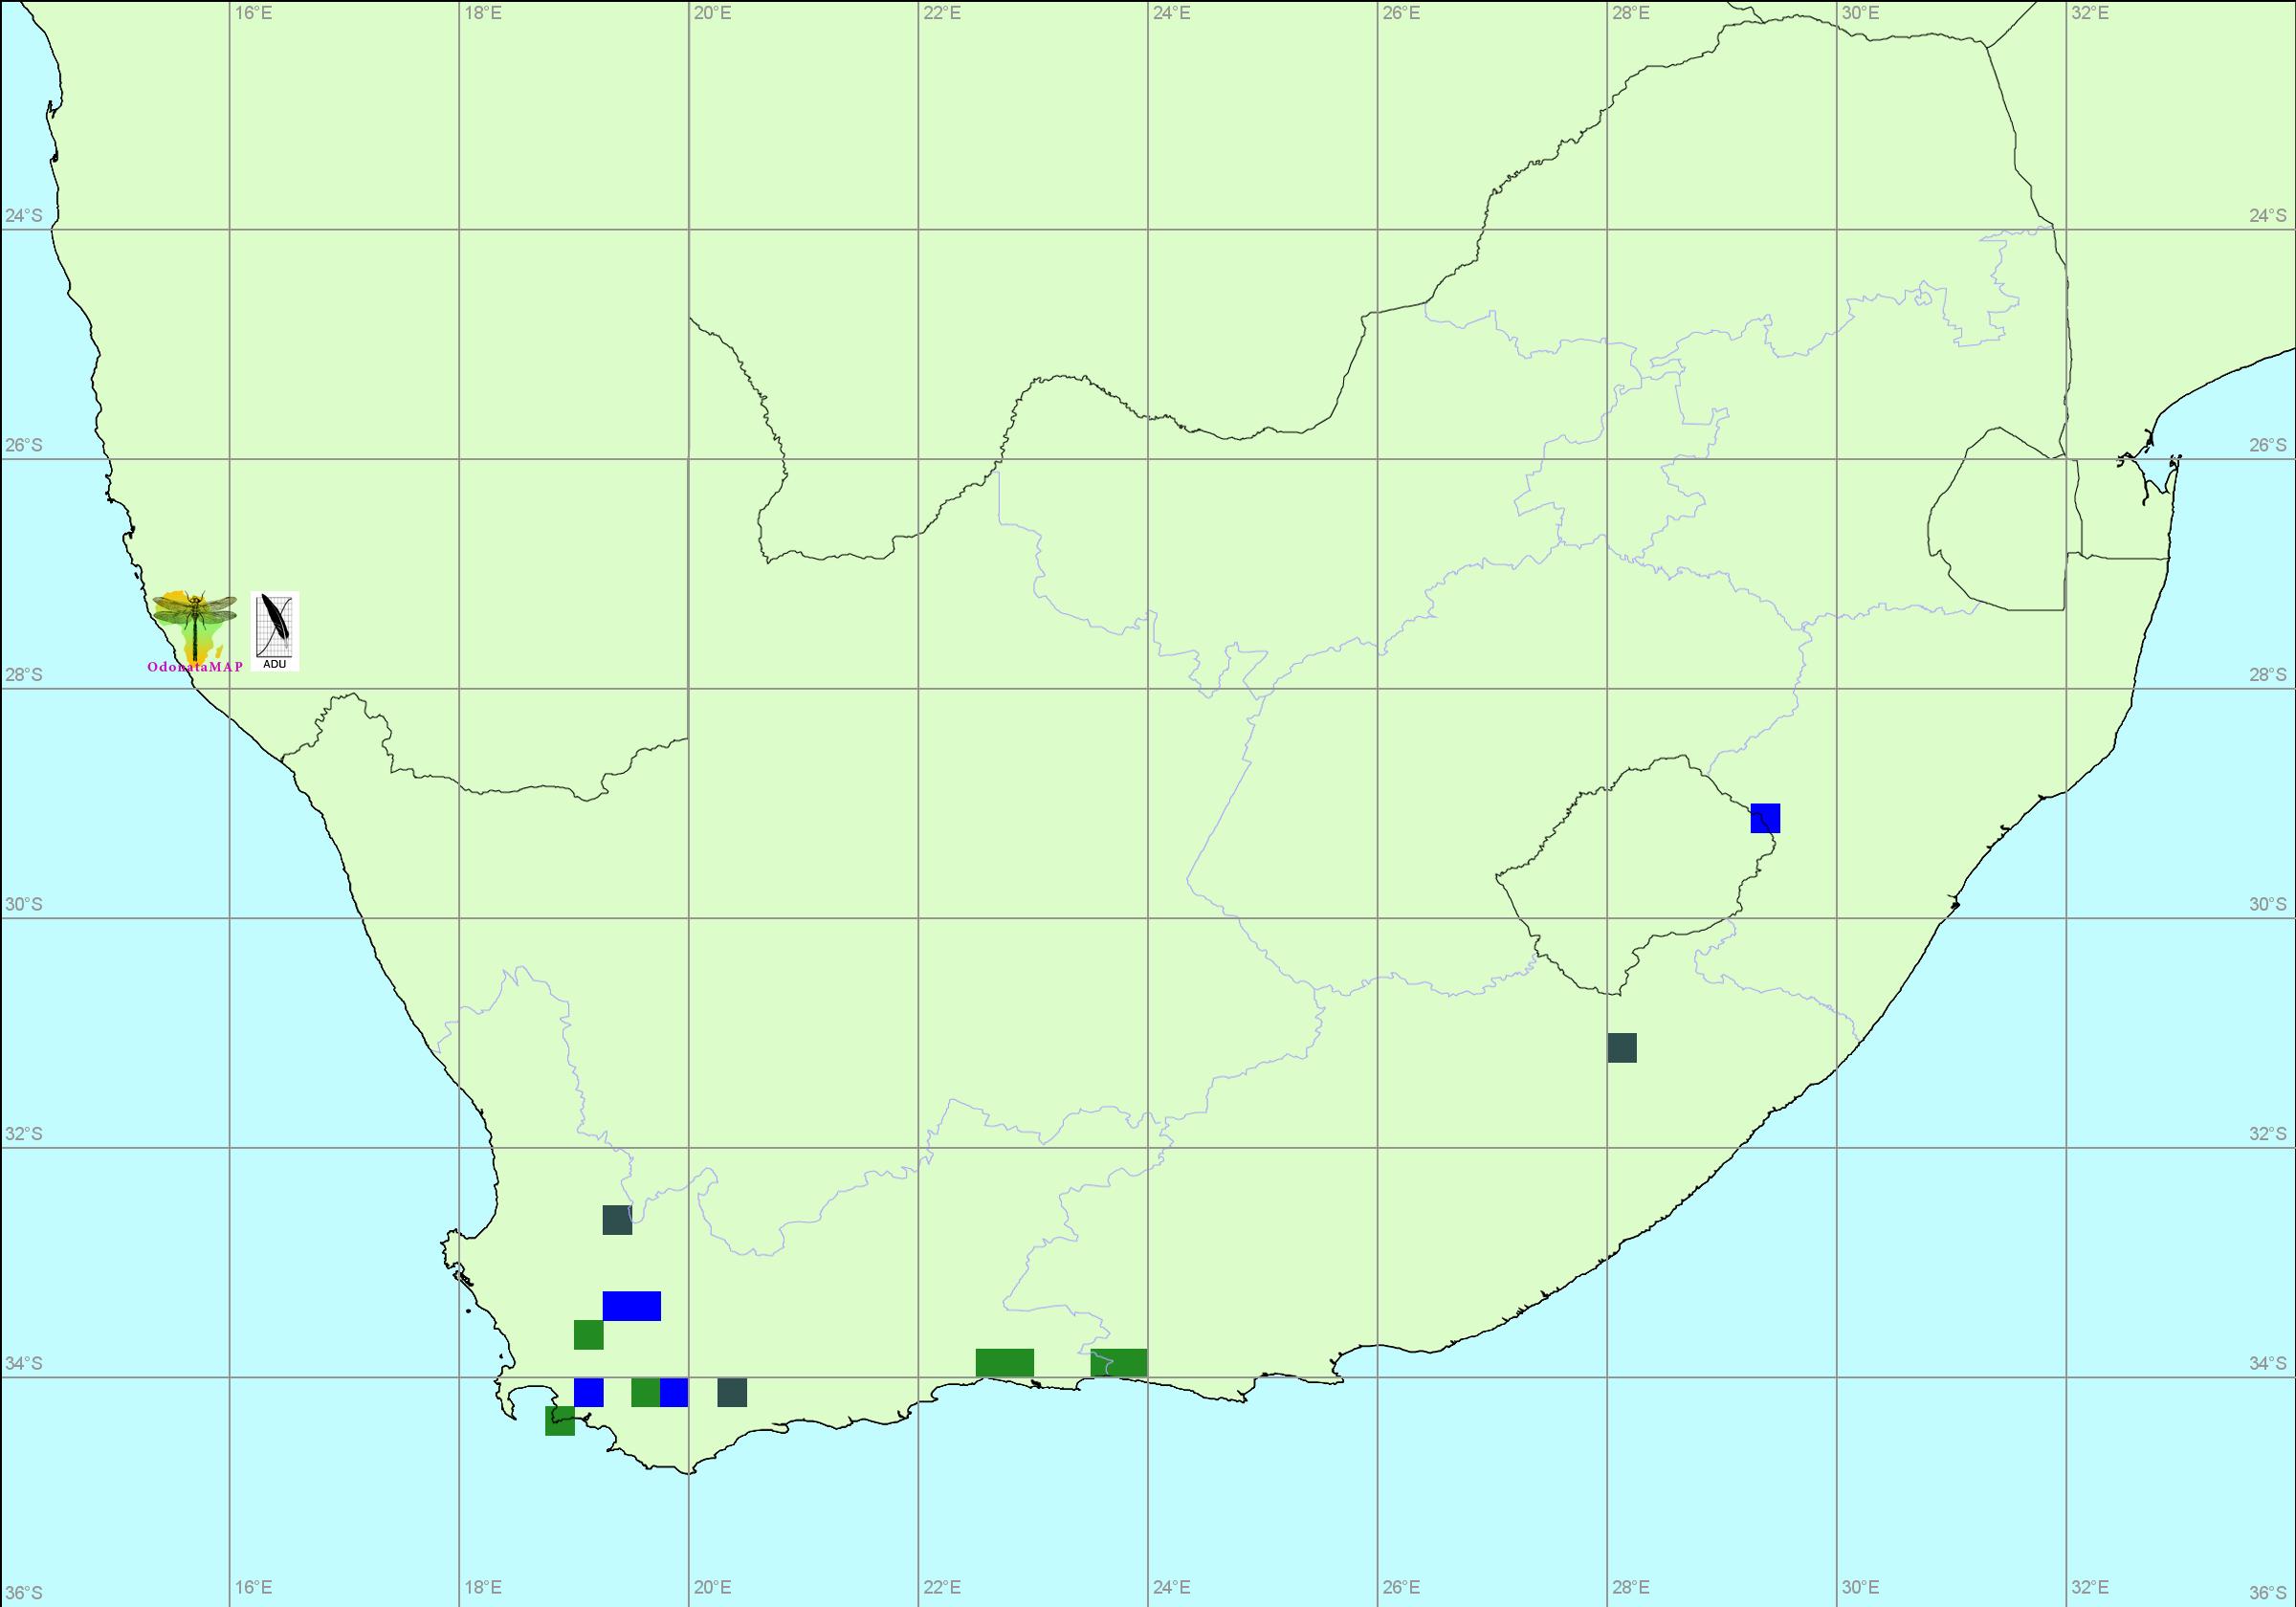 http://vmus.adu.org.za/vm_map_afr.php?&database=odonata&grid=2&outline=1&key=0&map=3&spp=666270